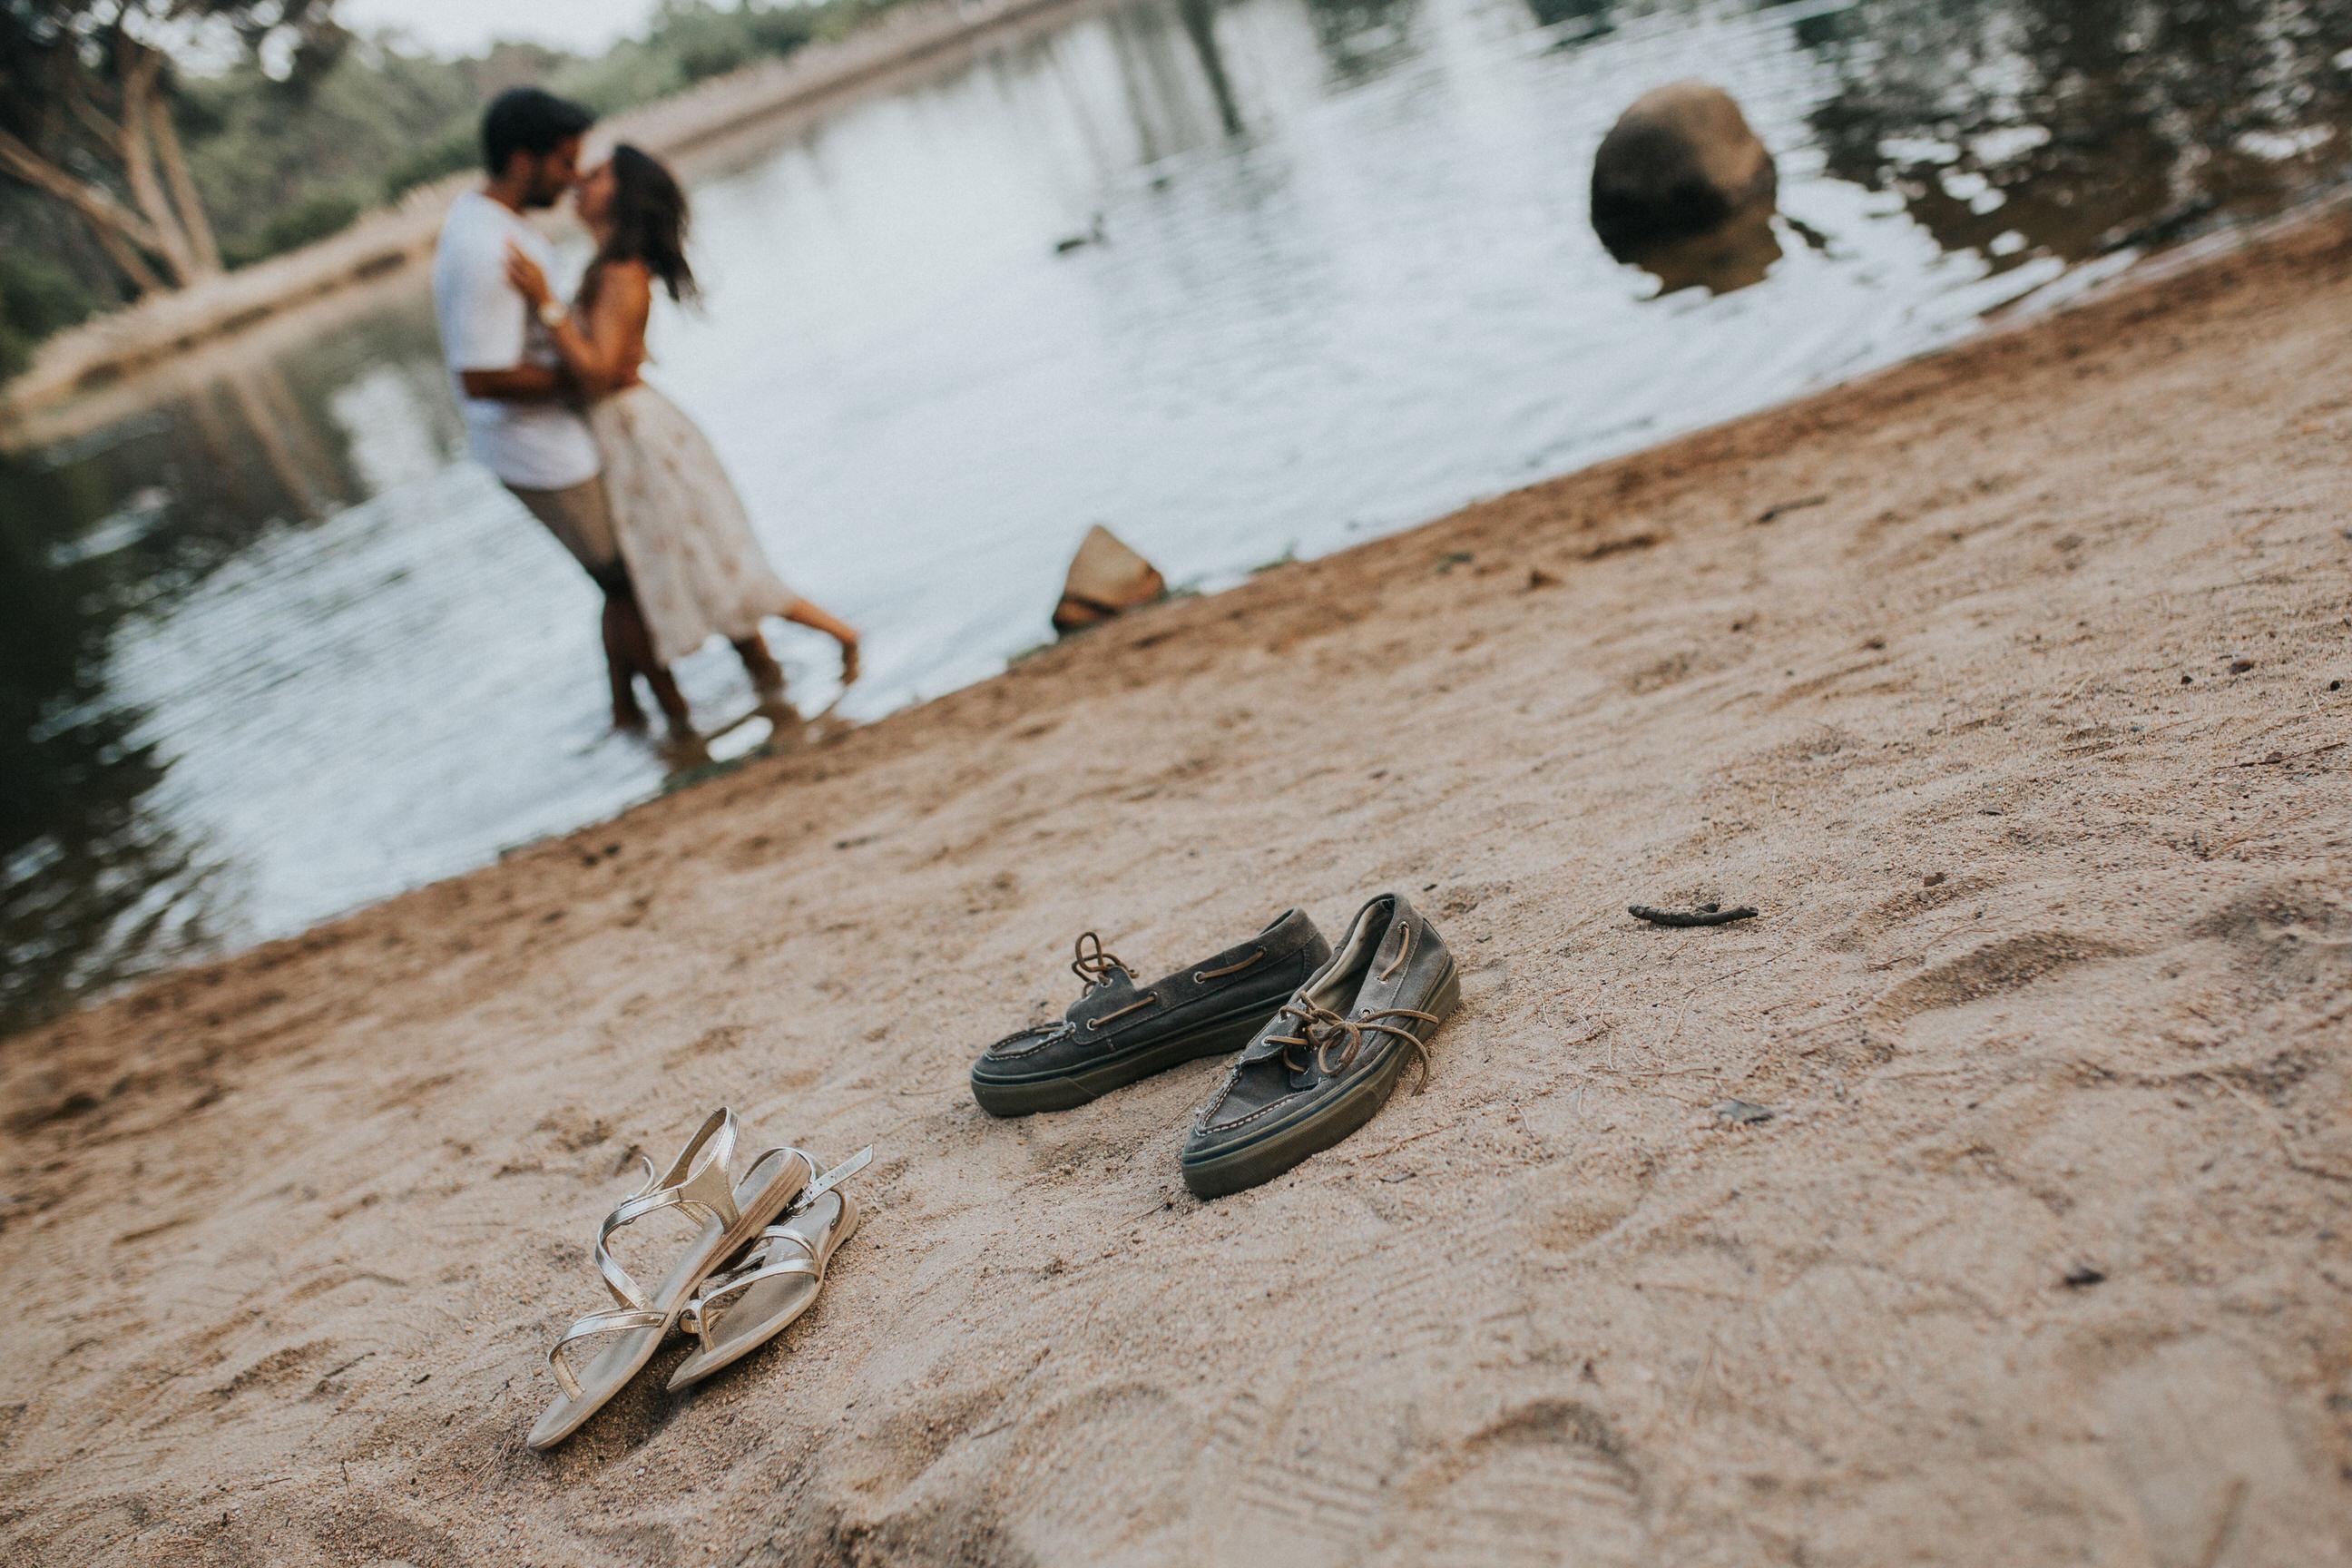 21 Cristiana&André-engagement-love-session-solteiros-noivado-foto-natural-Filipe-Santiago-Fotografia-Lisboa-Sintra-Mafra-Malveira-natural-Fotografos-shoes-sapatos